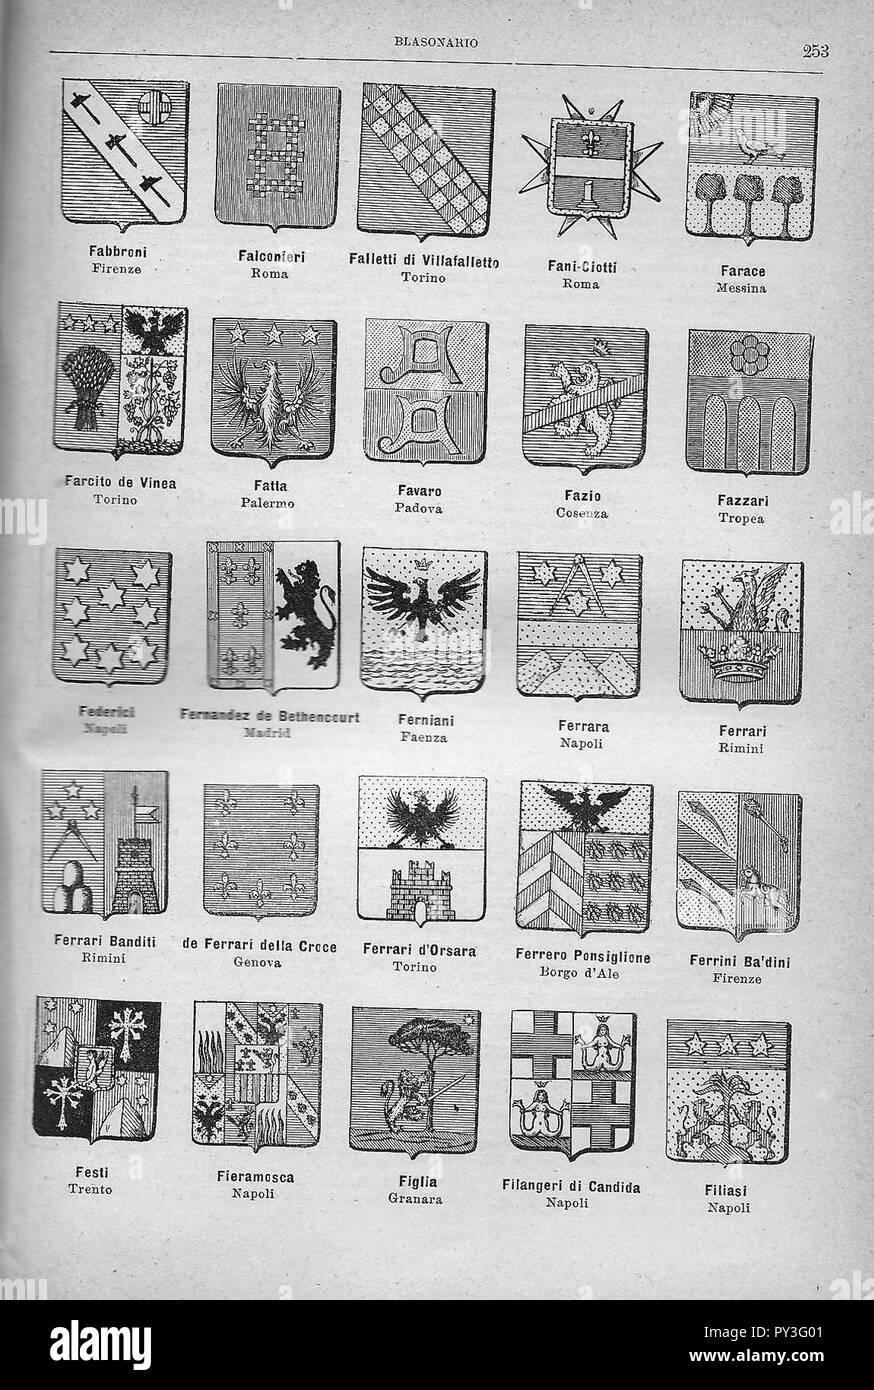 Calendario 1900.Calendario D Oro 1900 Pagina 253 Stock Photo 223198529 Alamy